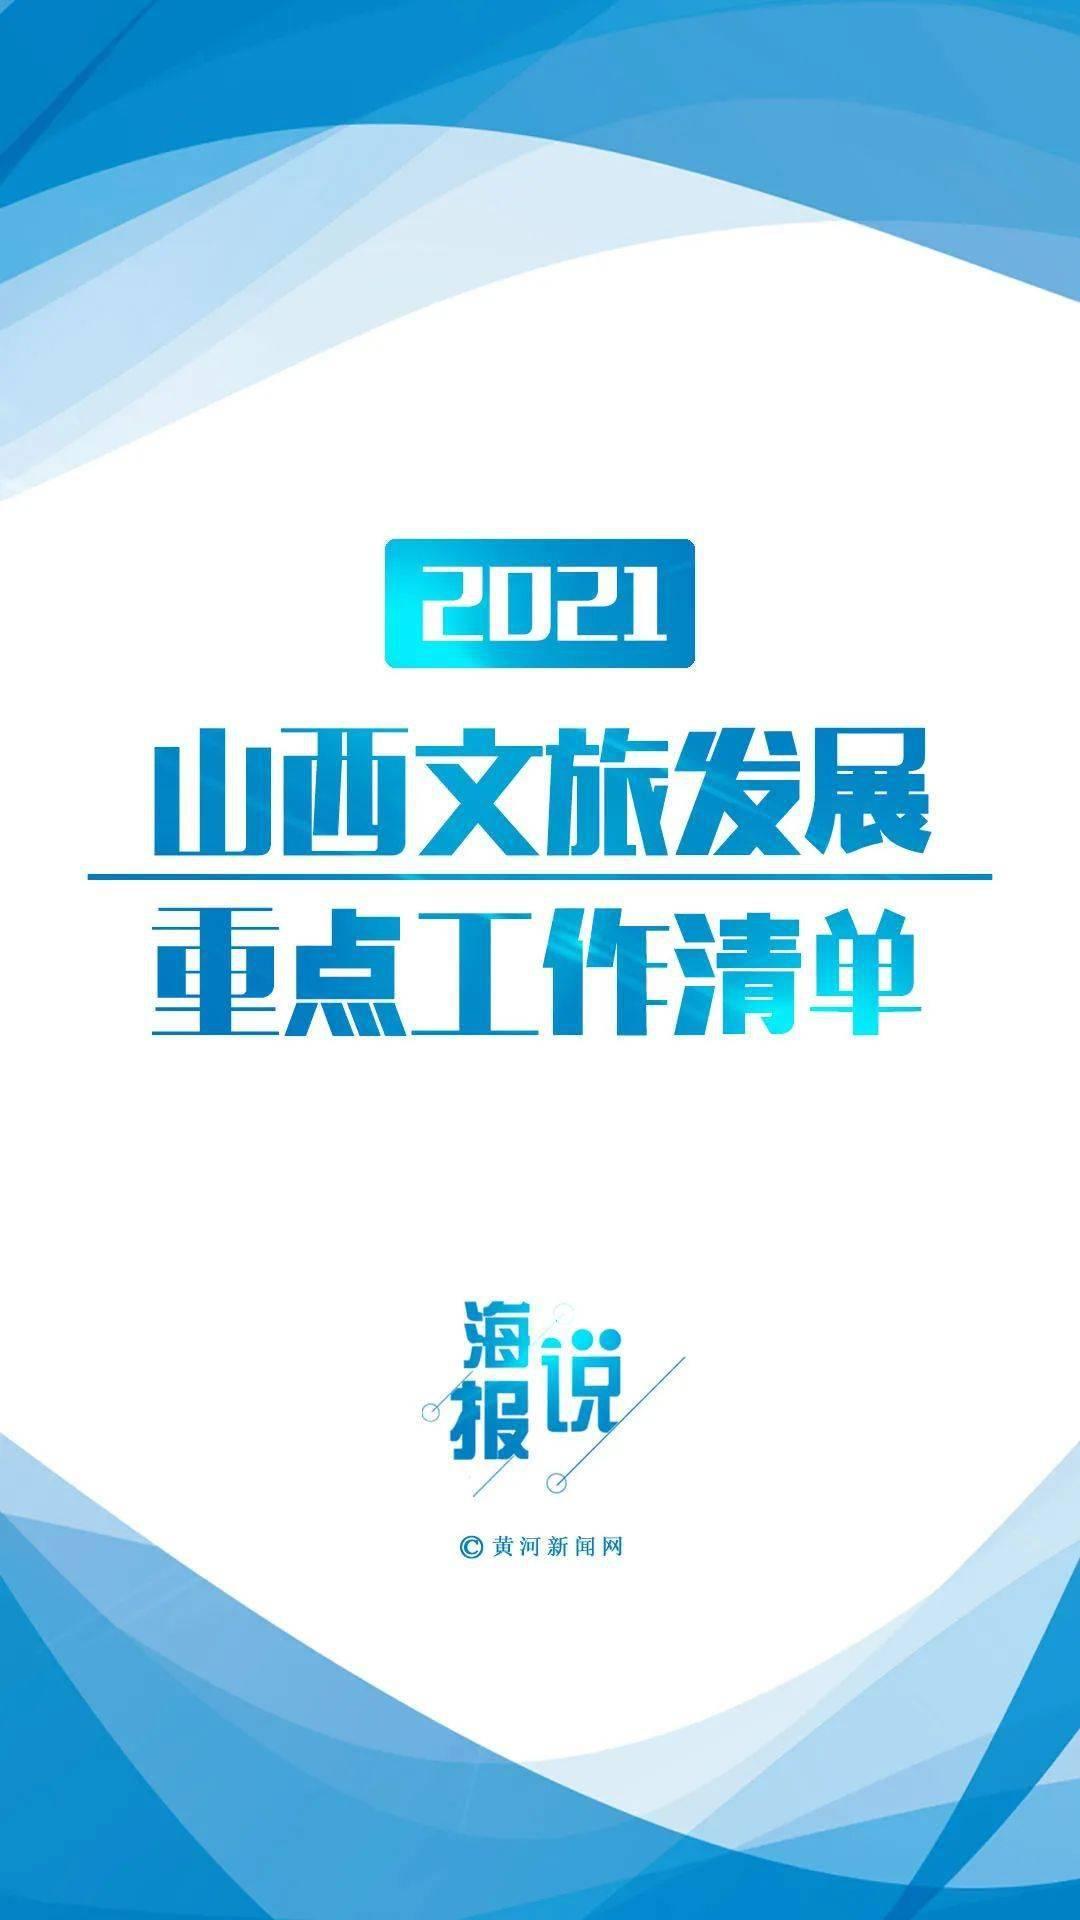 2021,山西文旅发展重点工作清单